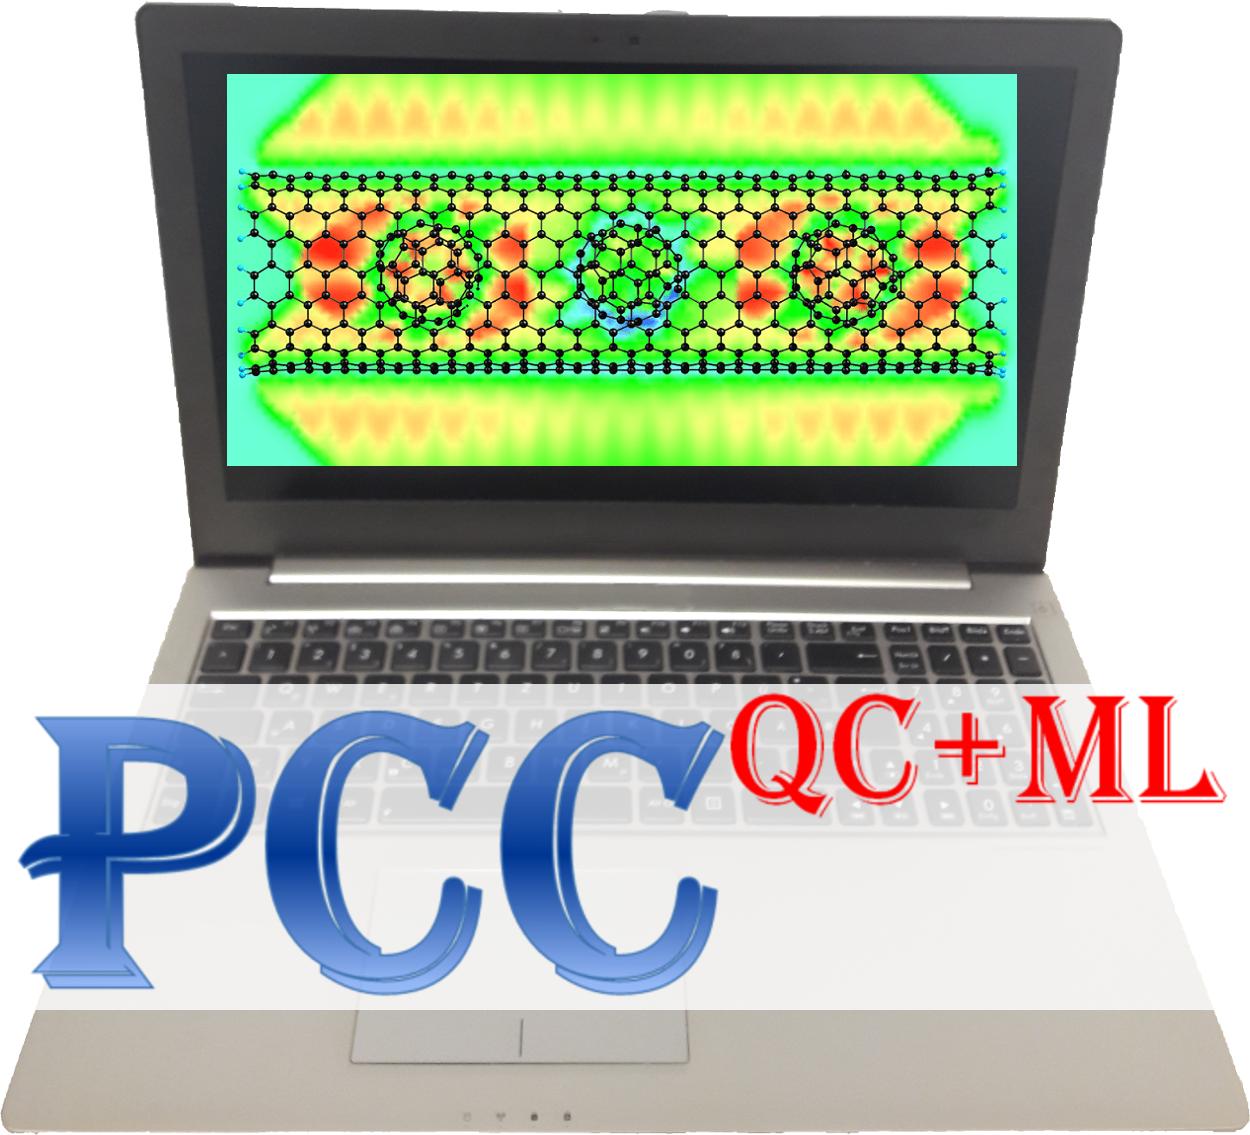 PCC: QC+ML